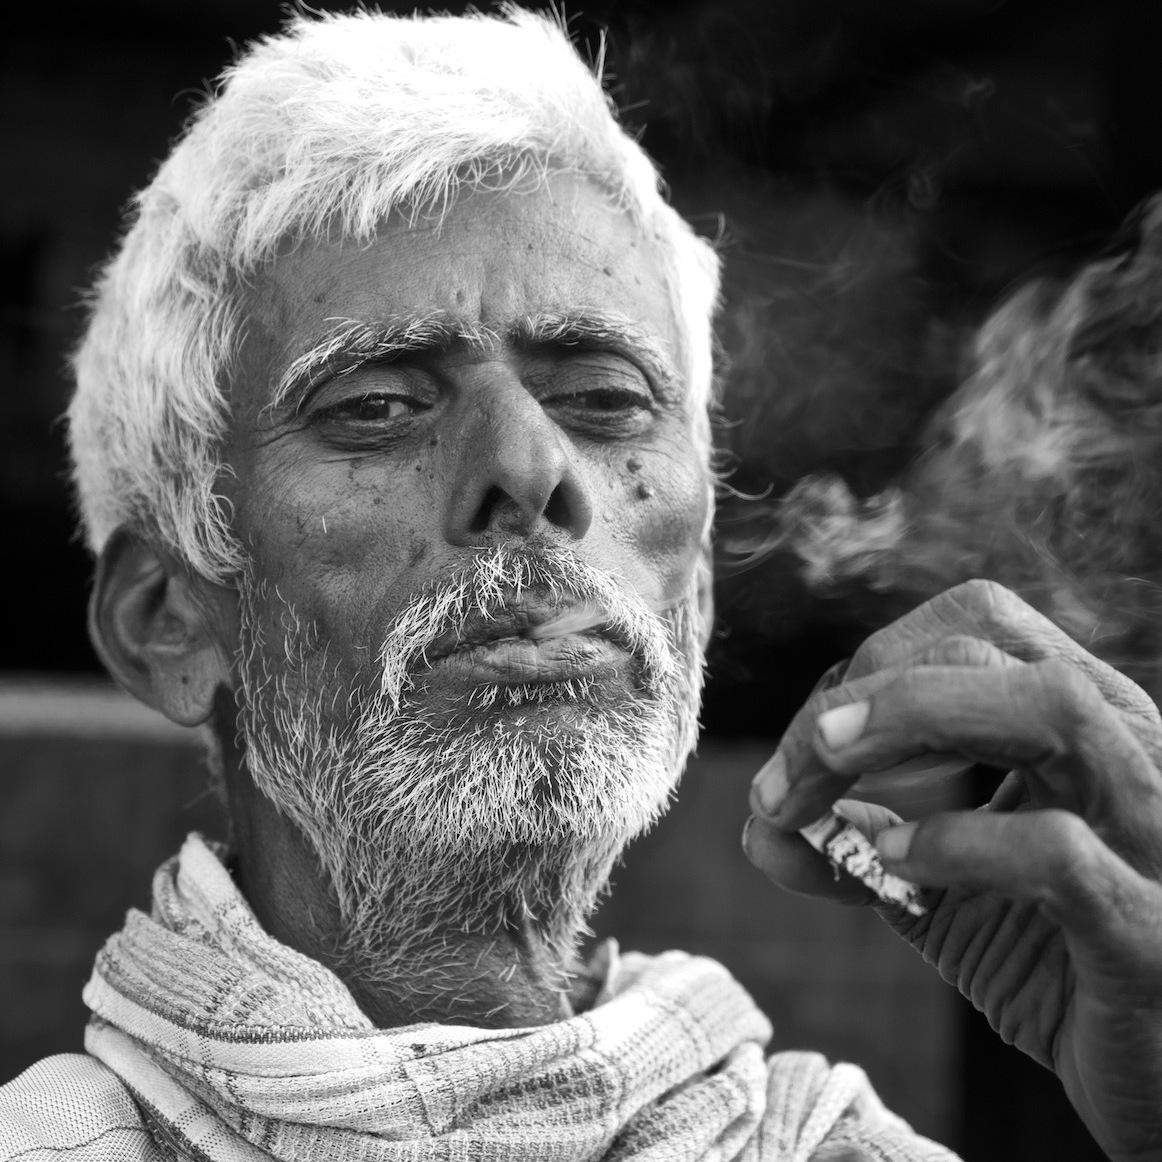 Old man smoking.